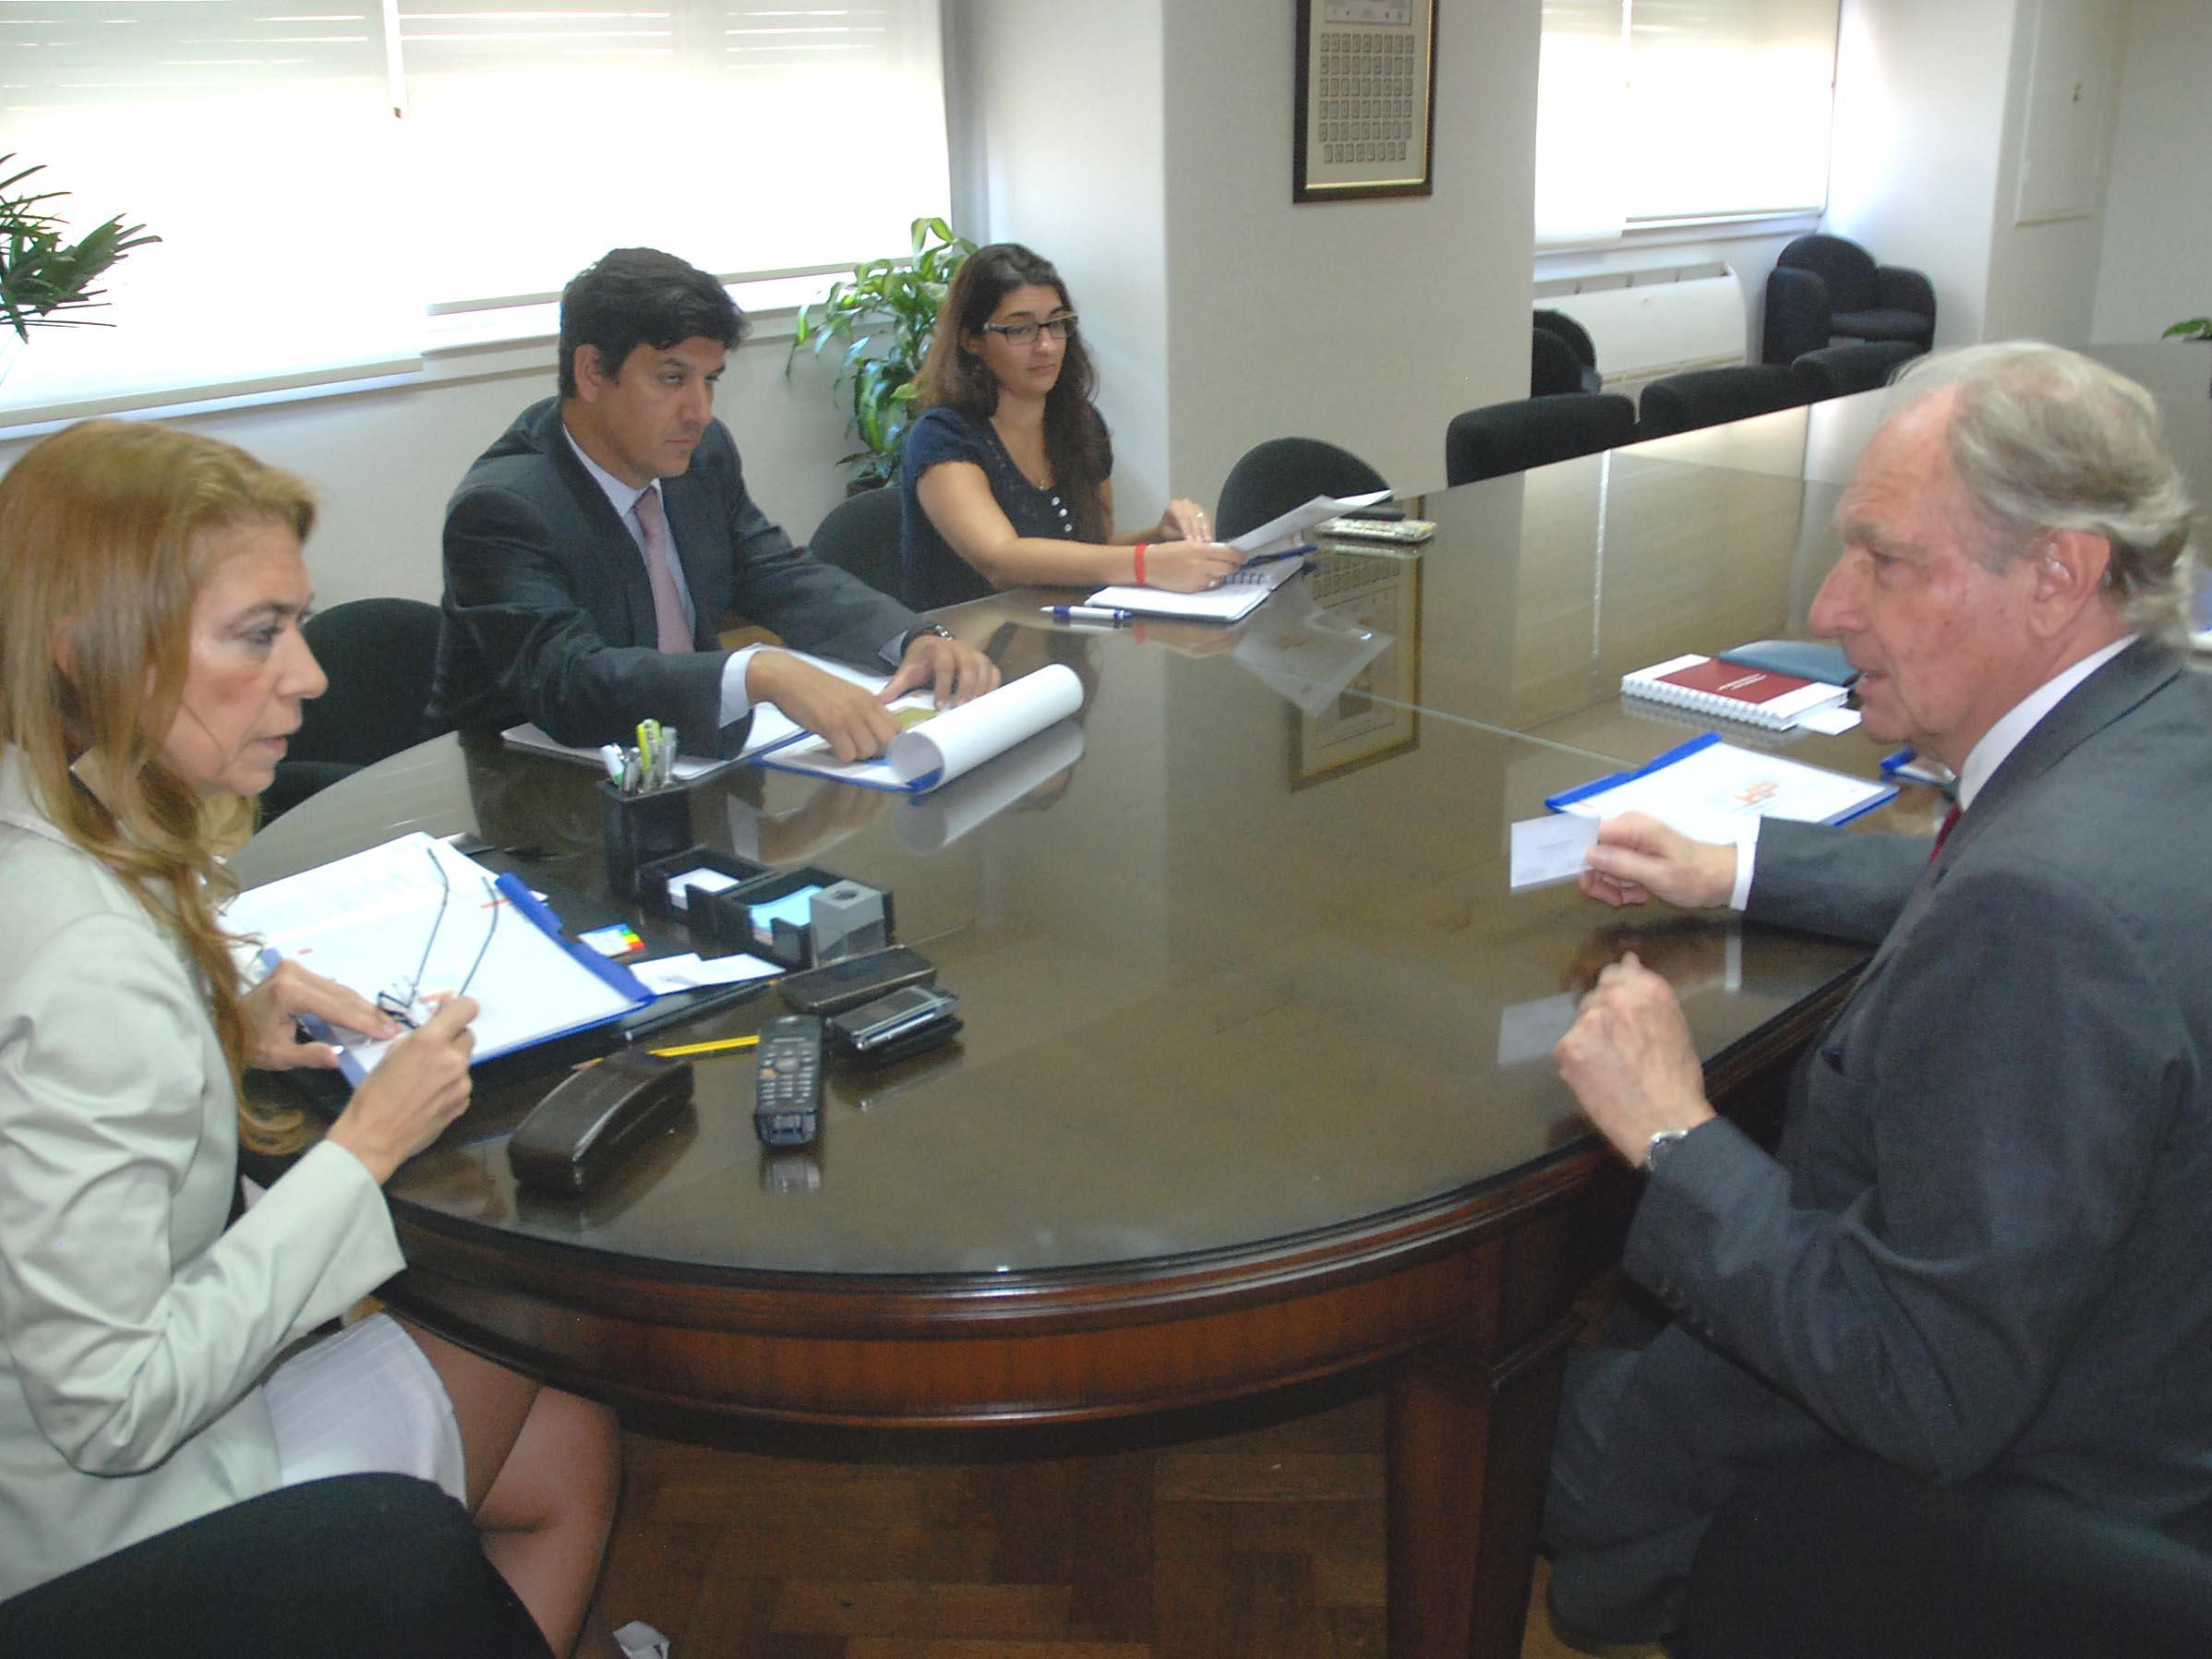 La ministra estuvo acompañada por el subsecretario de Industria, Javier Rando y por la asesora en inversiones, Andrea Bovris.